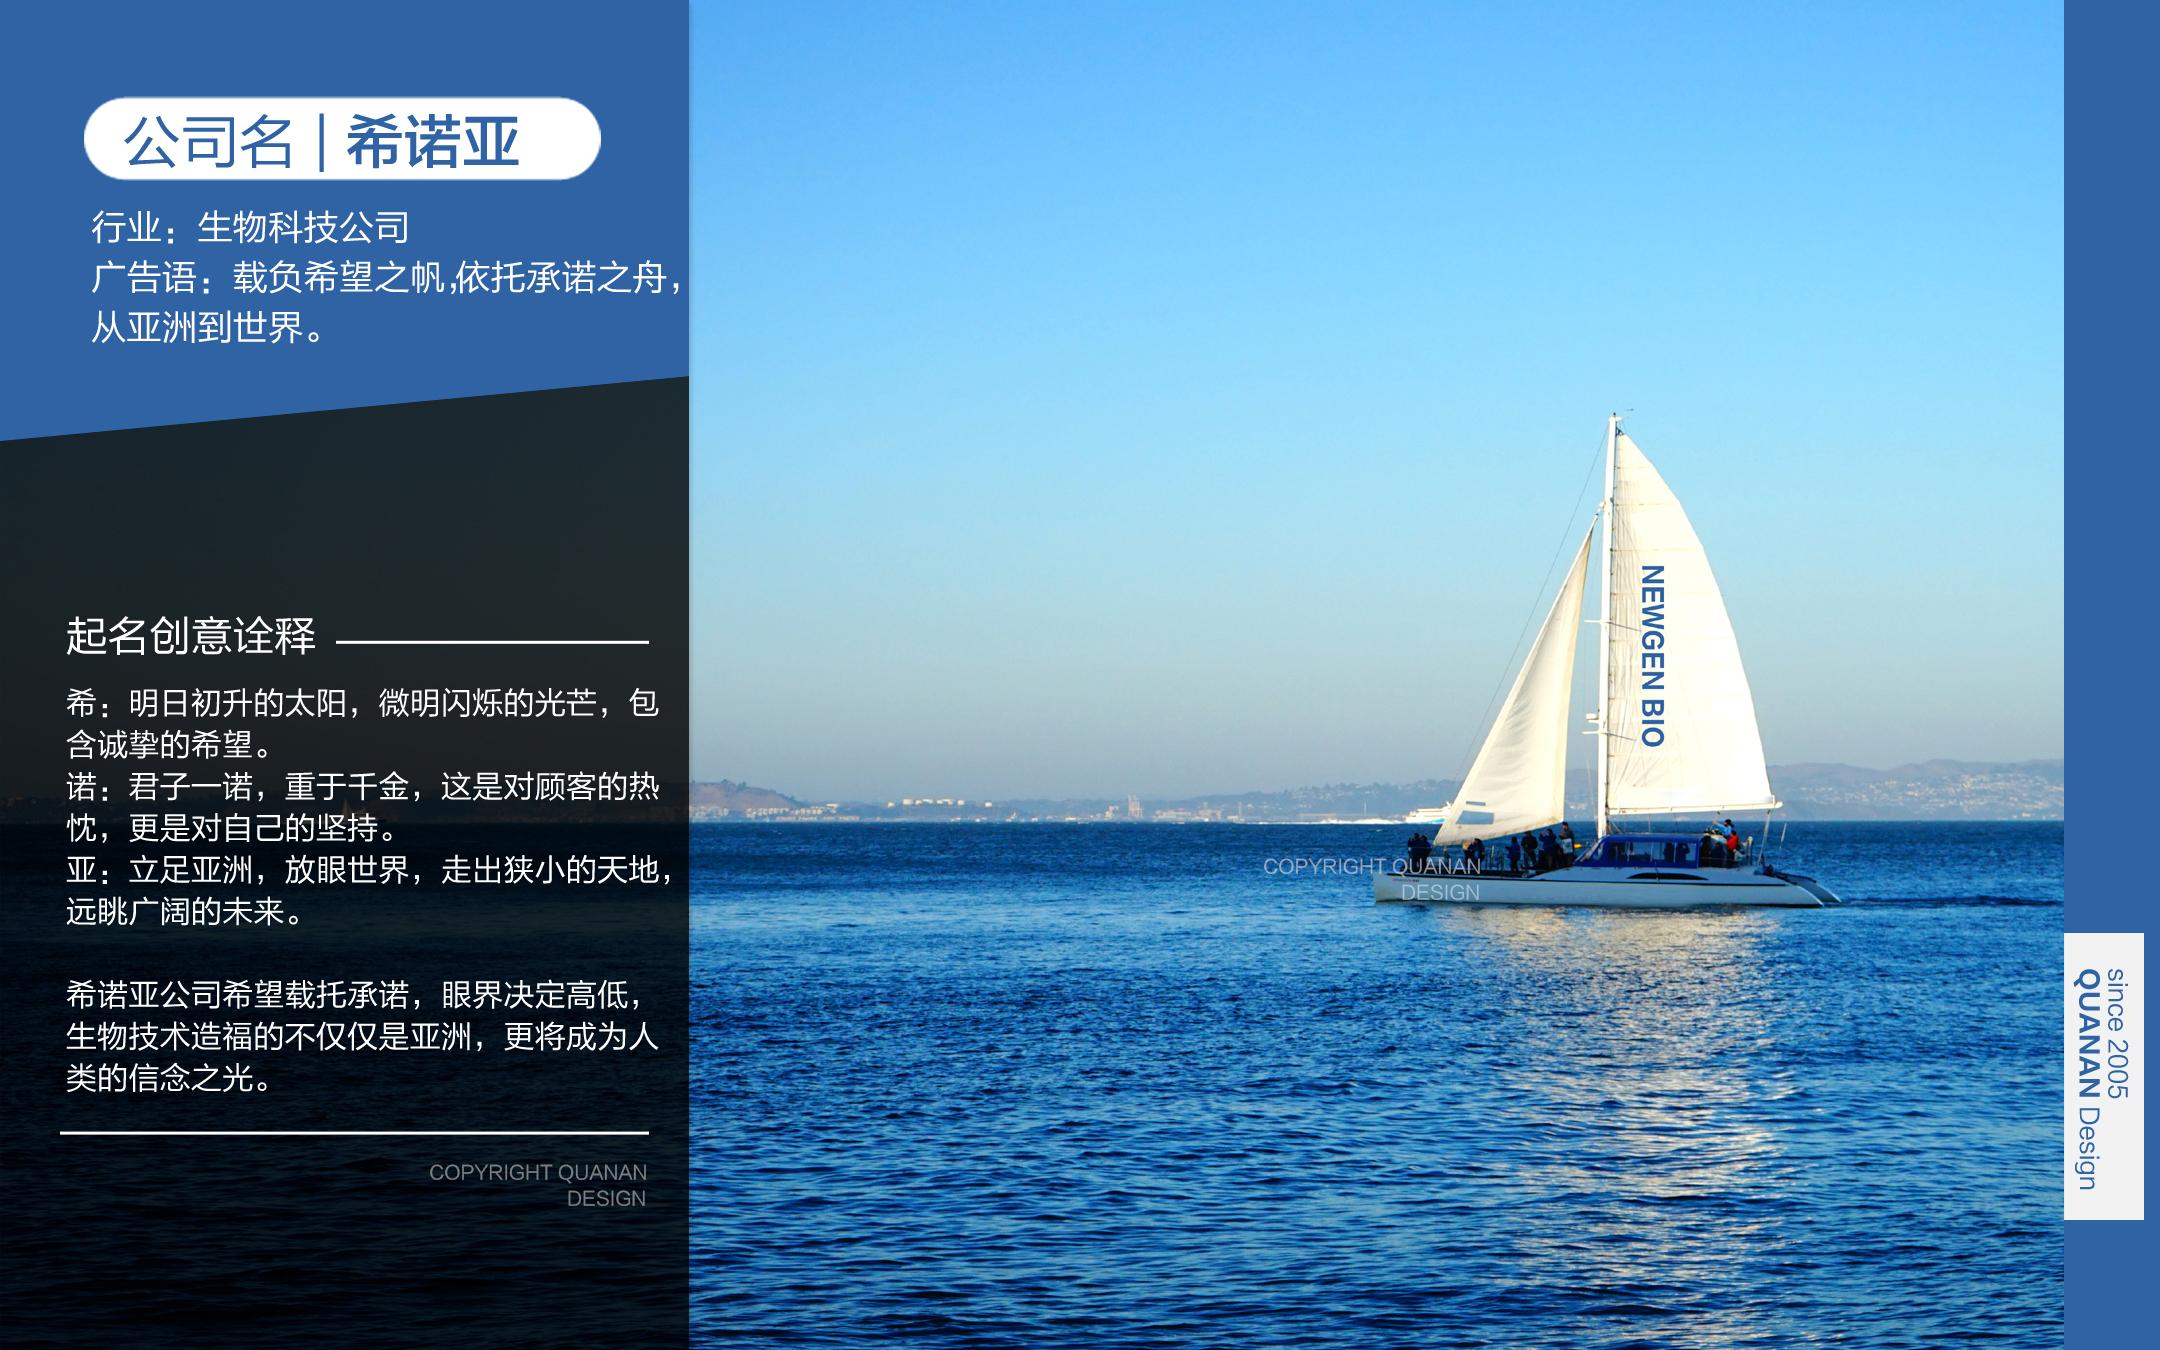 【诠岸主任命名】品牌起名公司起名字店铺产品APP平台抖音直播